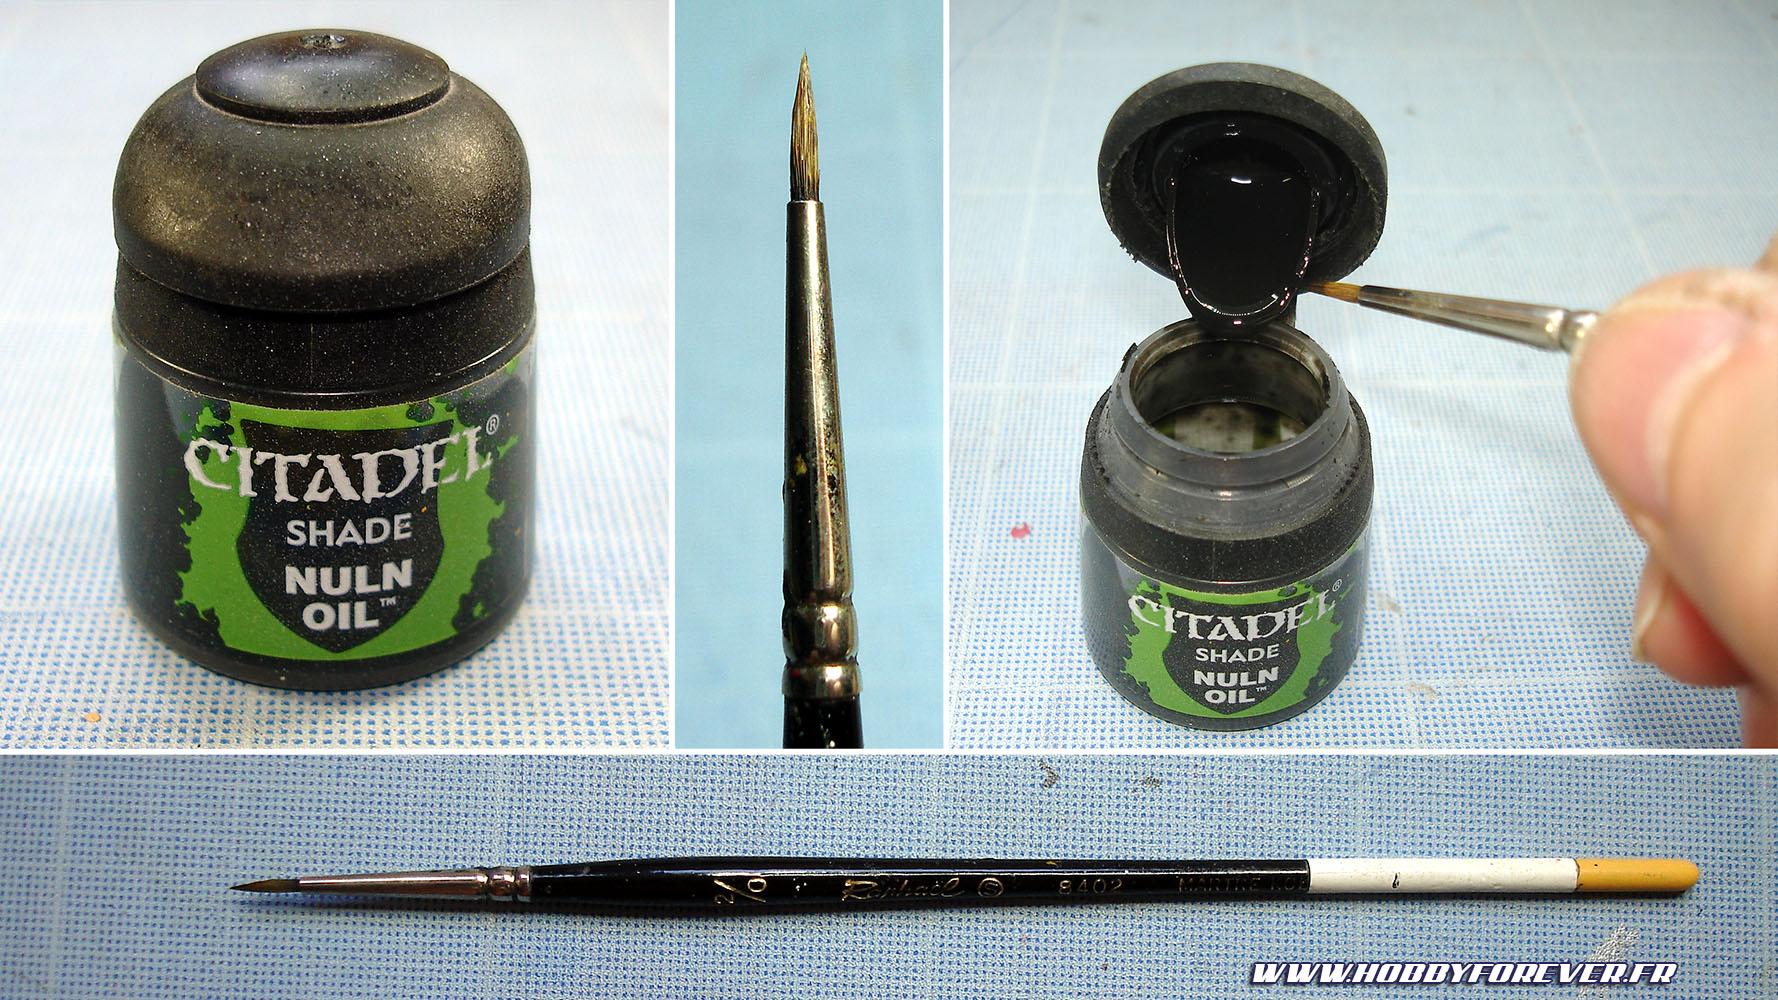 Le Shade Nuln Oil de Citadel